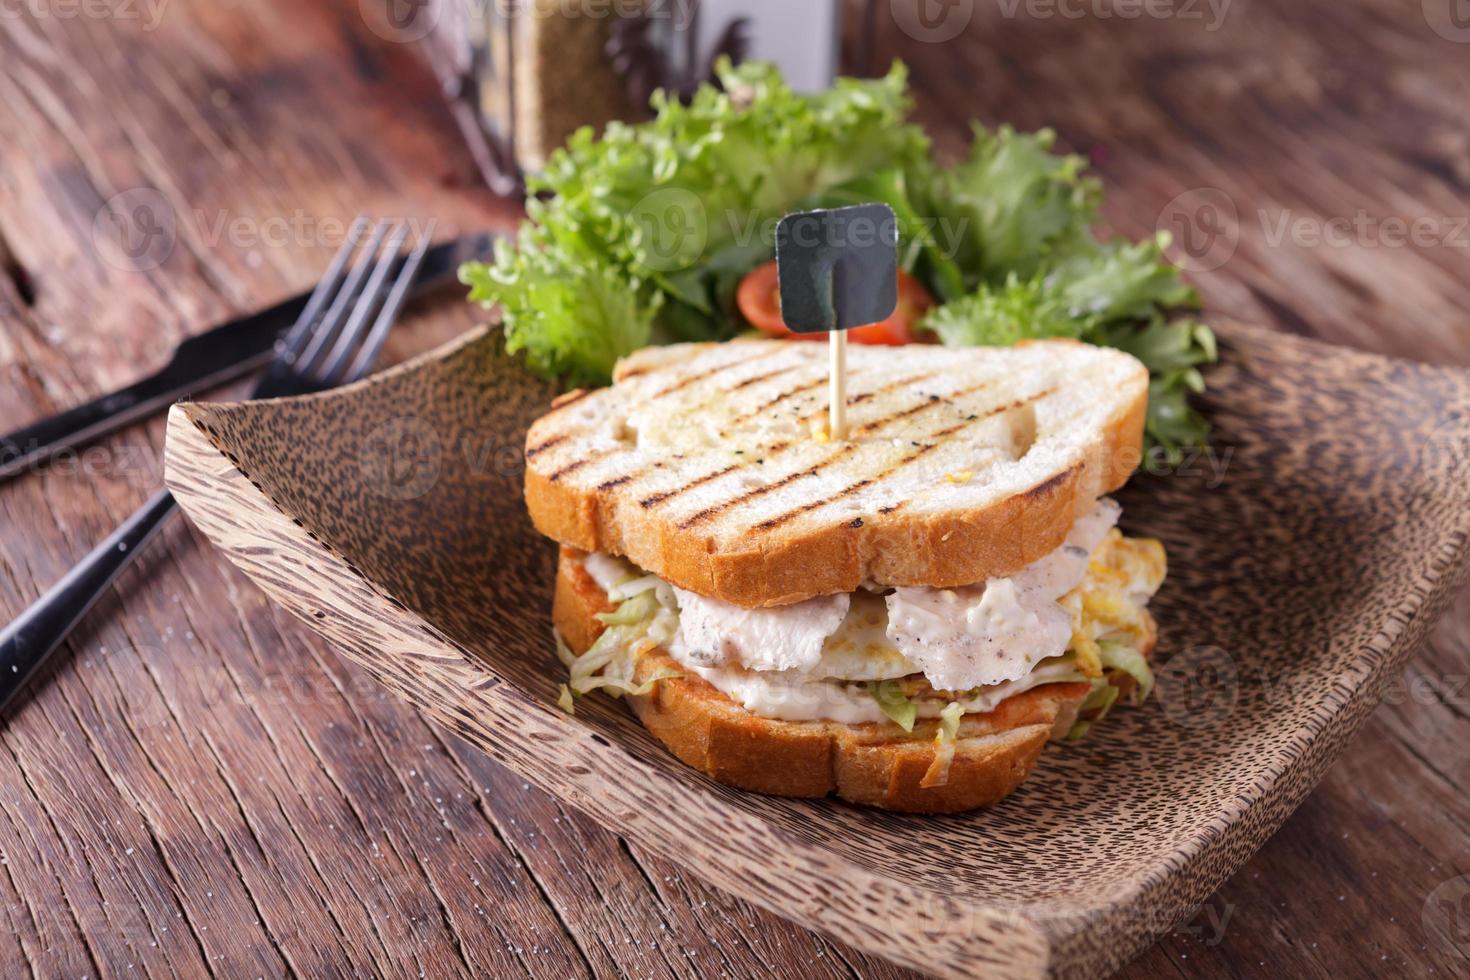 sándwich de pollo foto